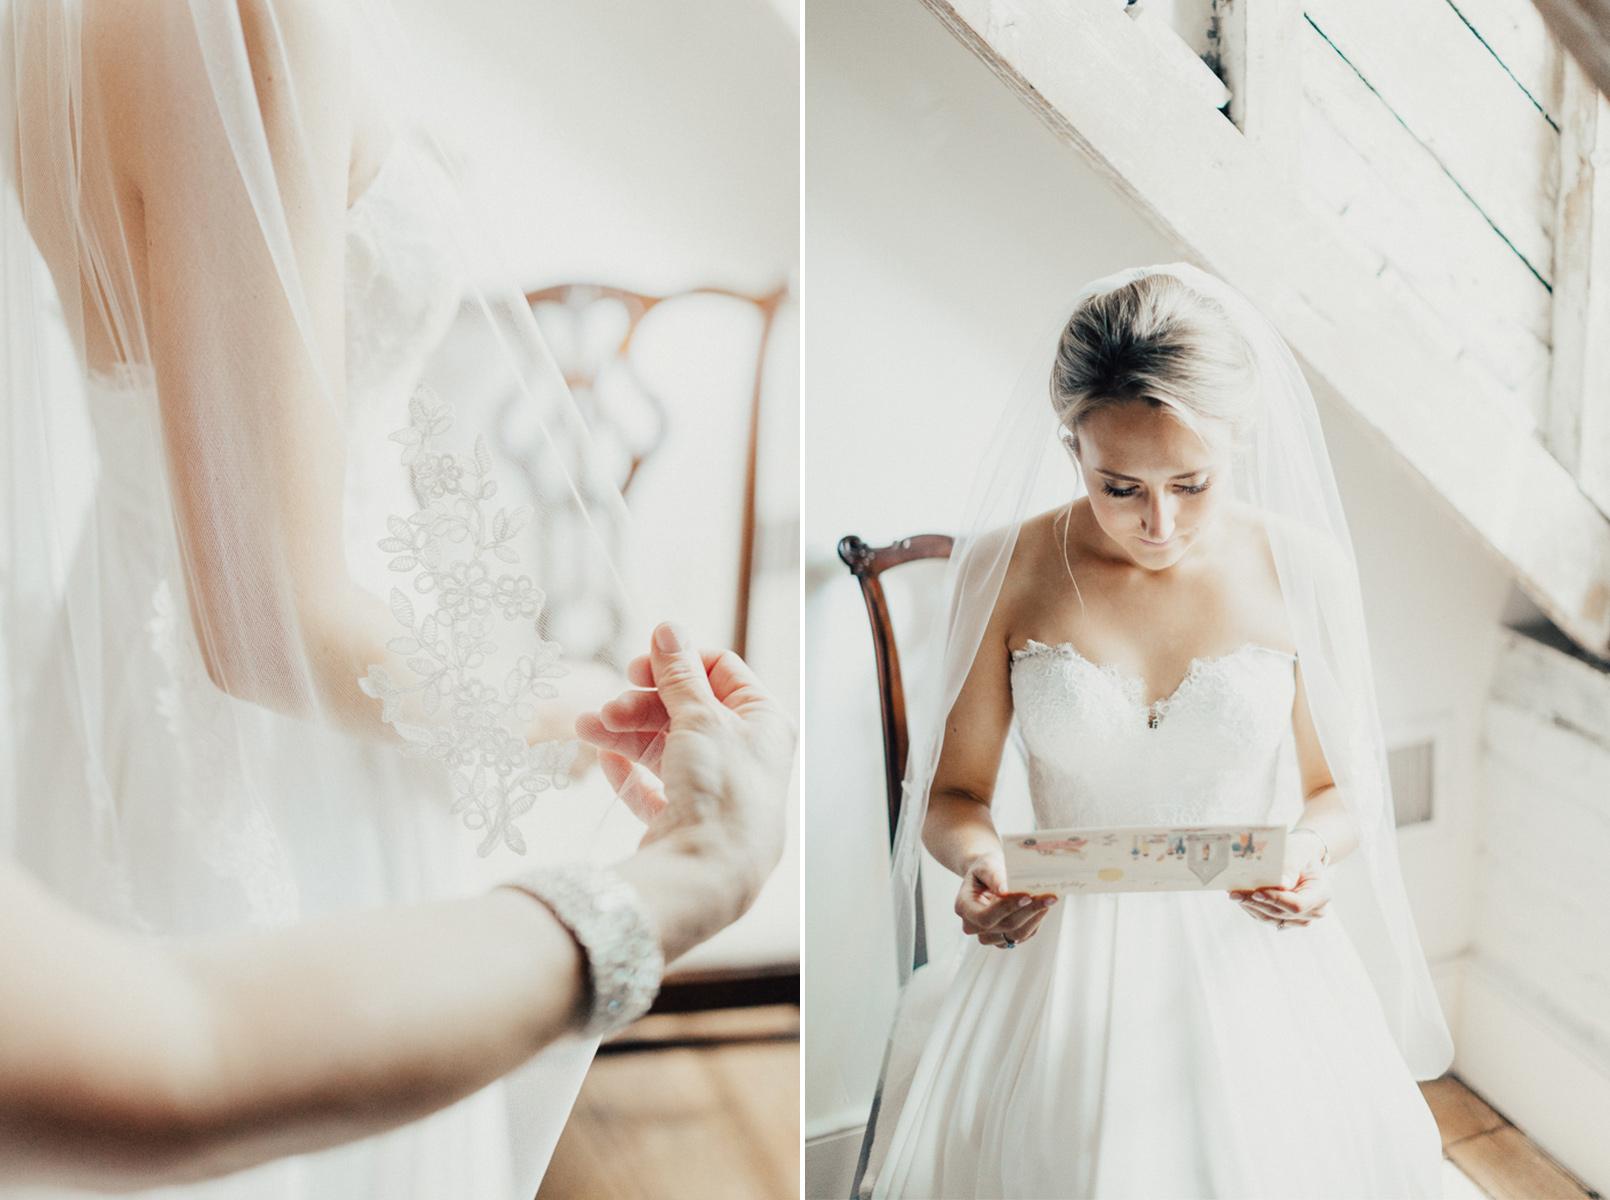 rachel-matthew-charleston-sc-wedding-details-4.jpg